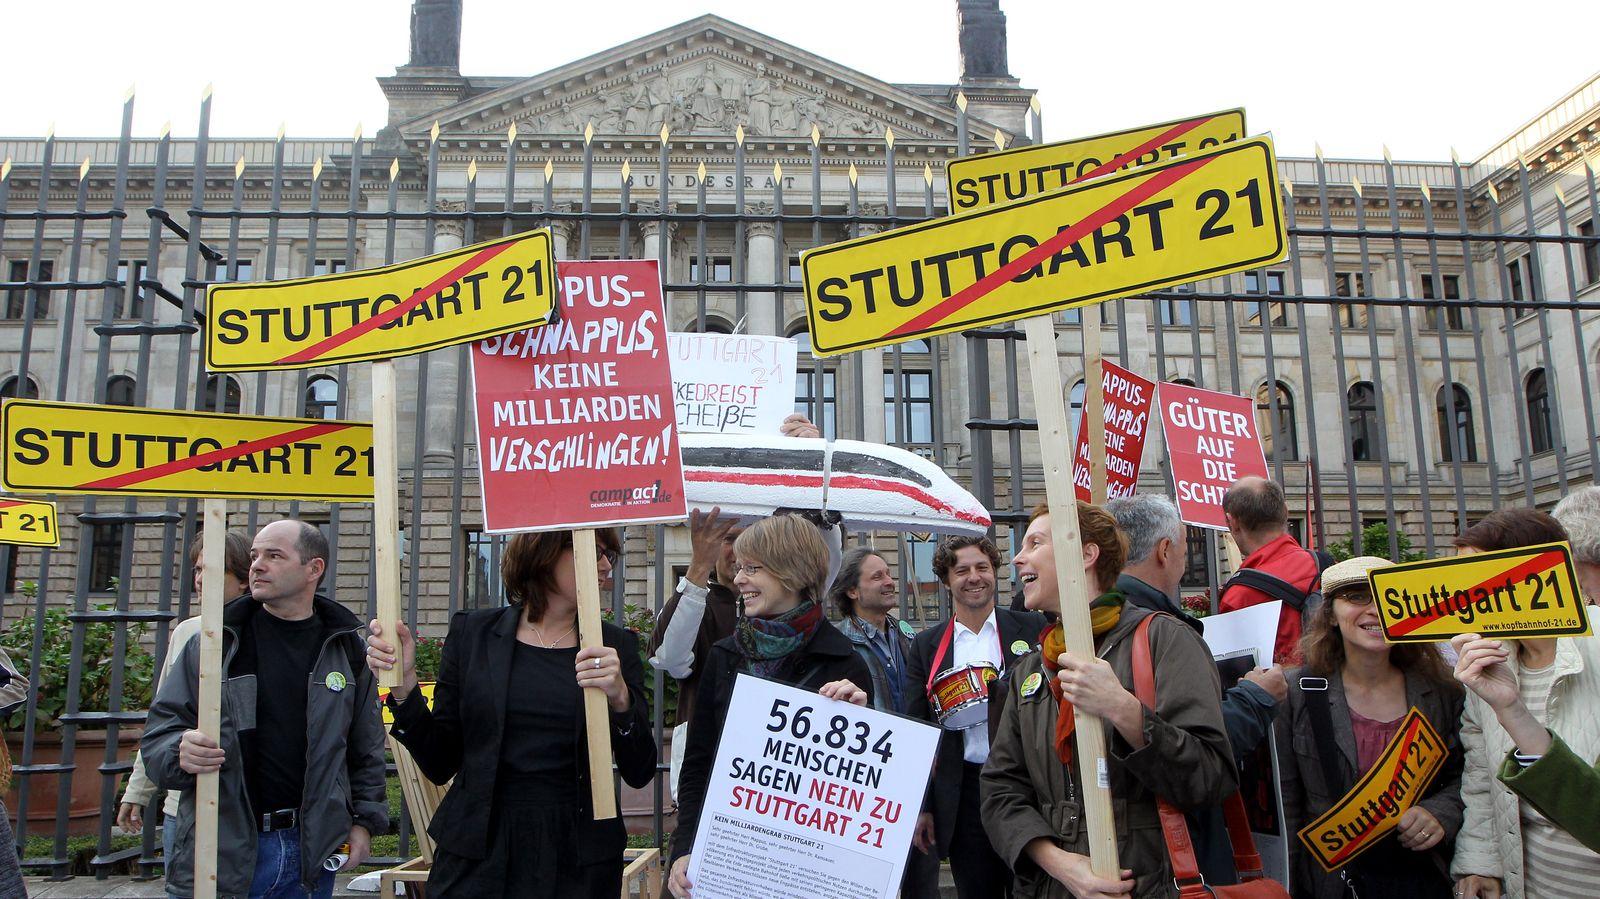 Demo vor Bundesrat gegen Stuttgart 21